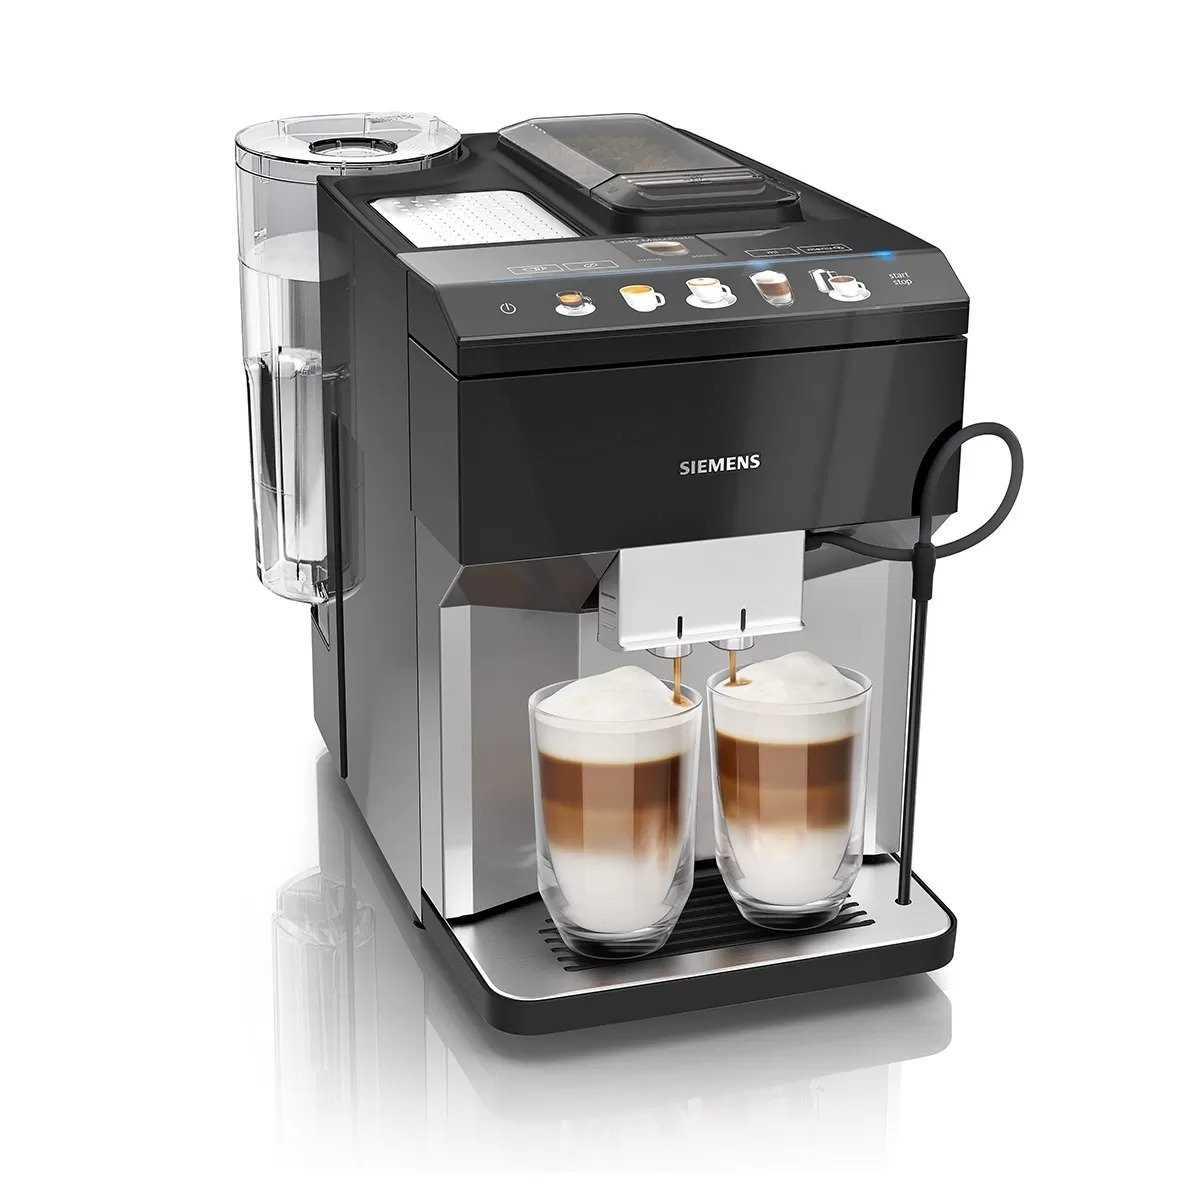 מכונת קפה אוטומטית Siemens דגם TP507R04 סימנס - תמונה 1